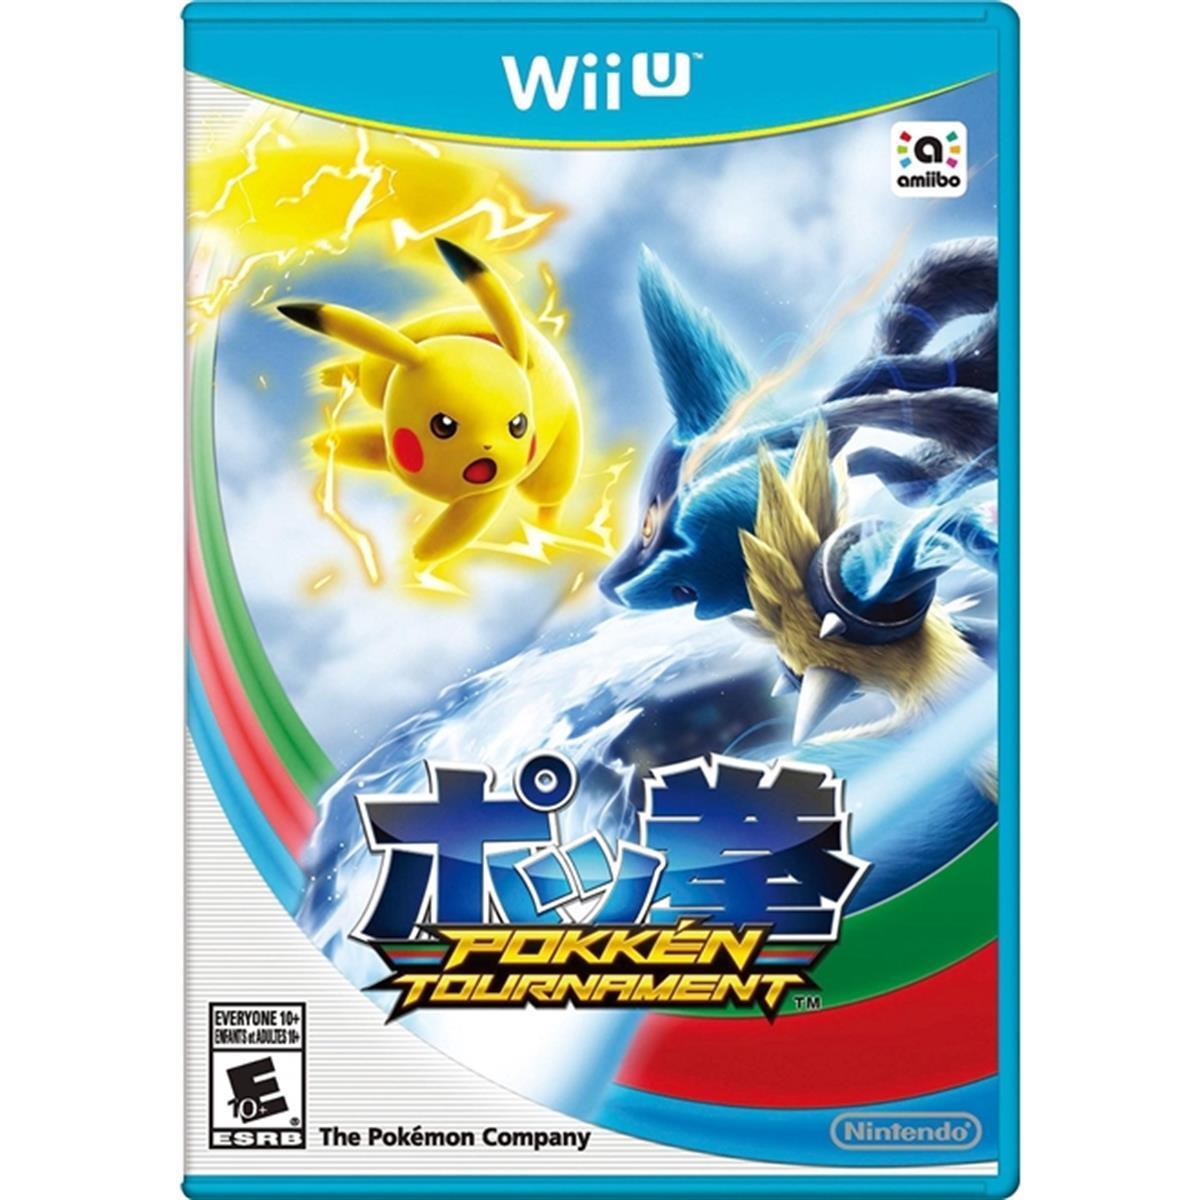 Pokken Tournament USADO - Nintendo Wii U